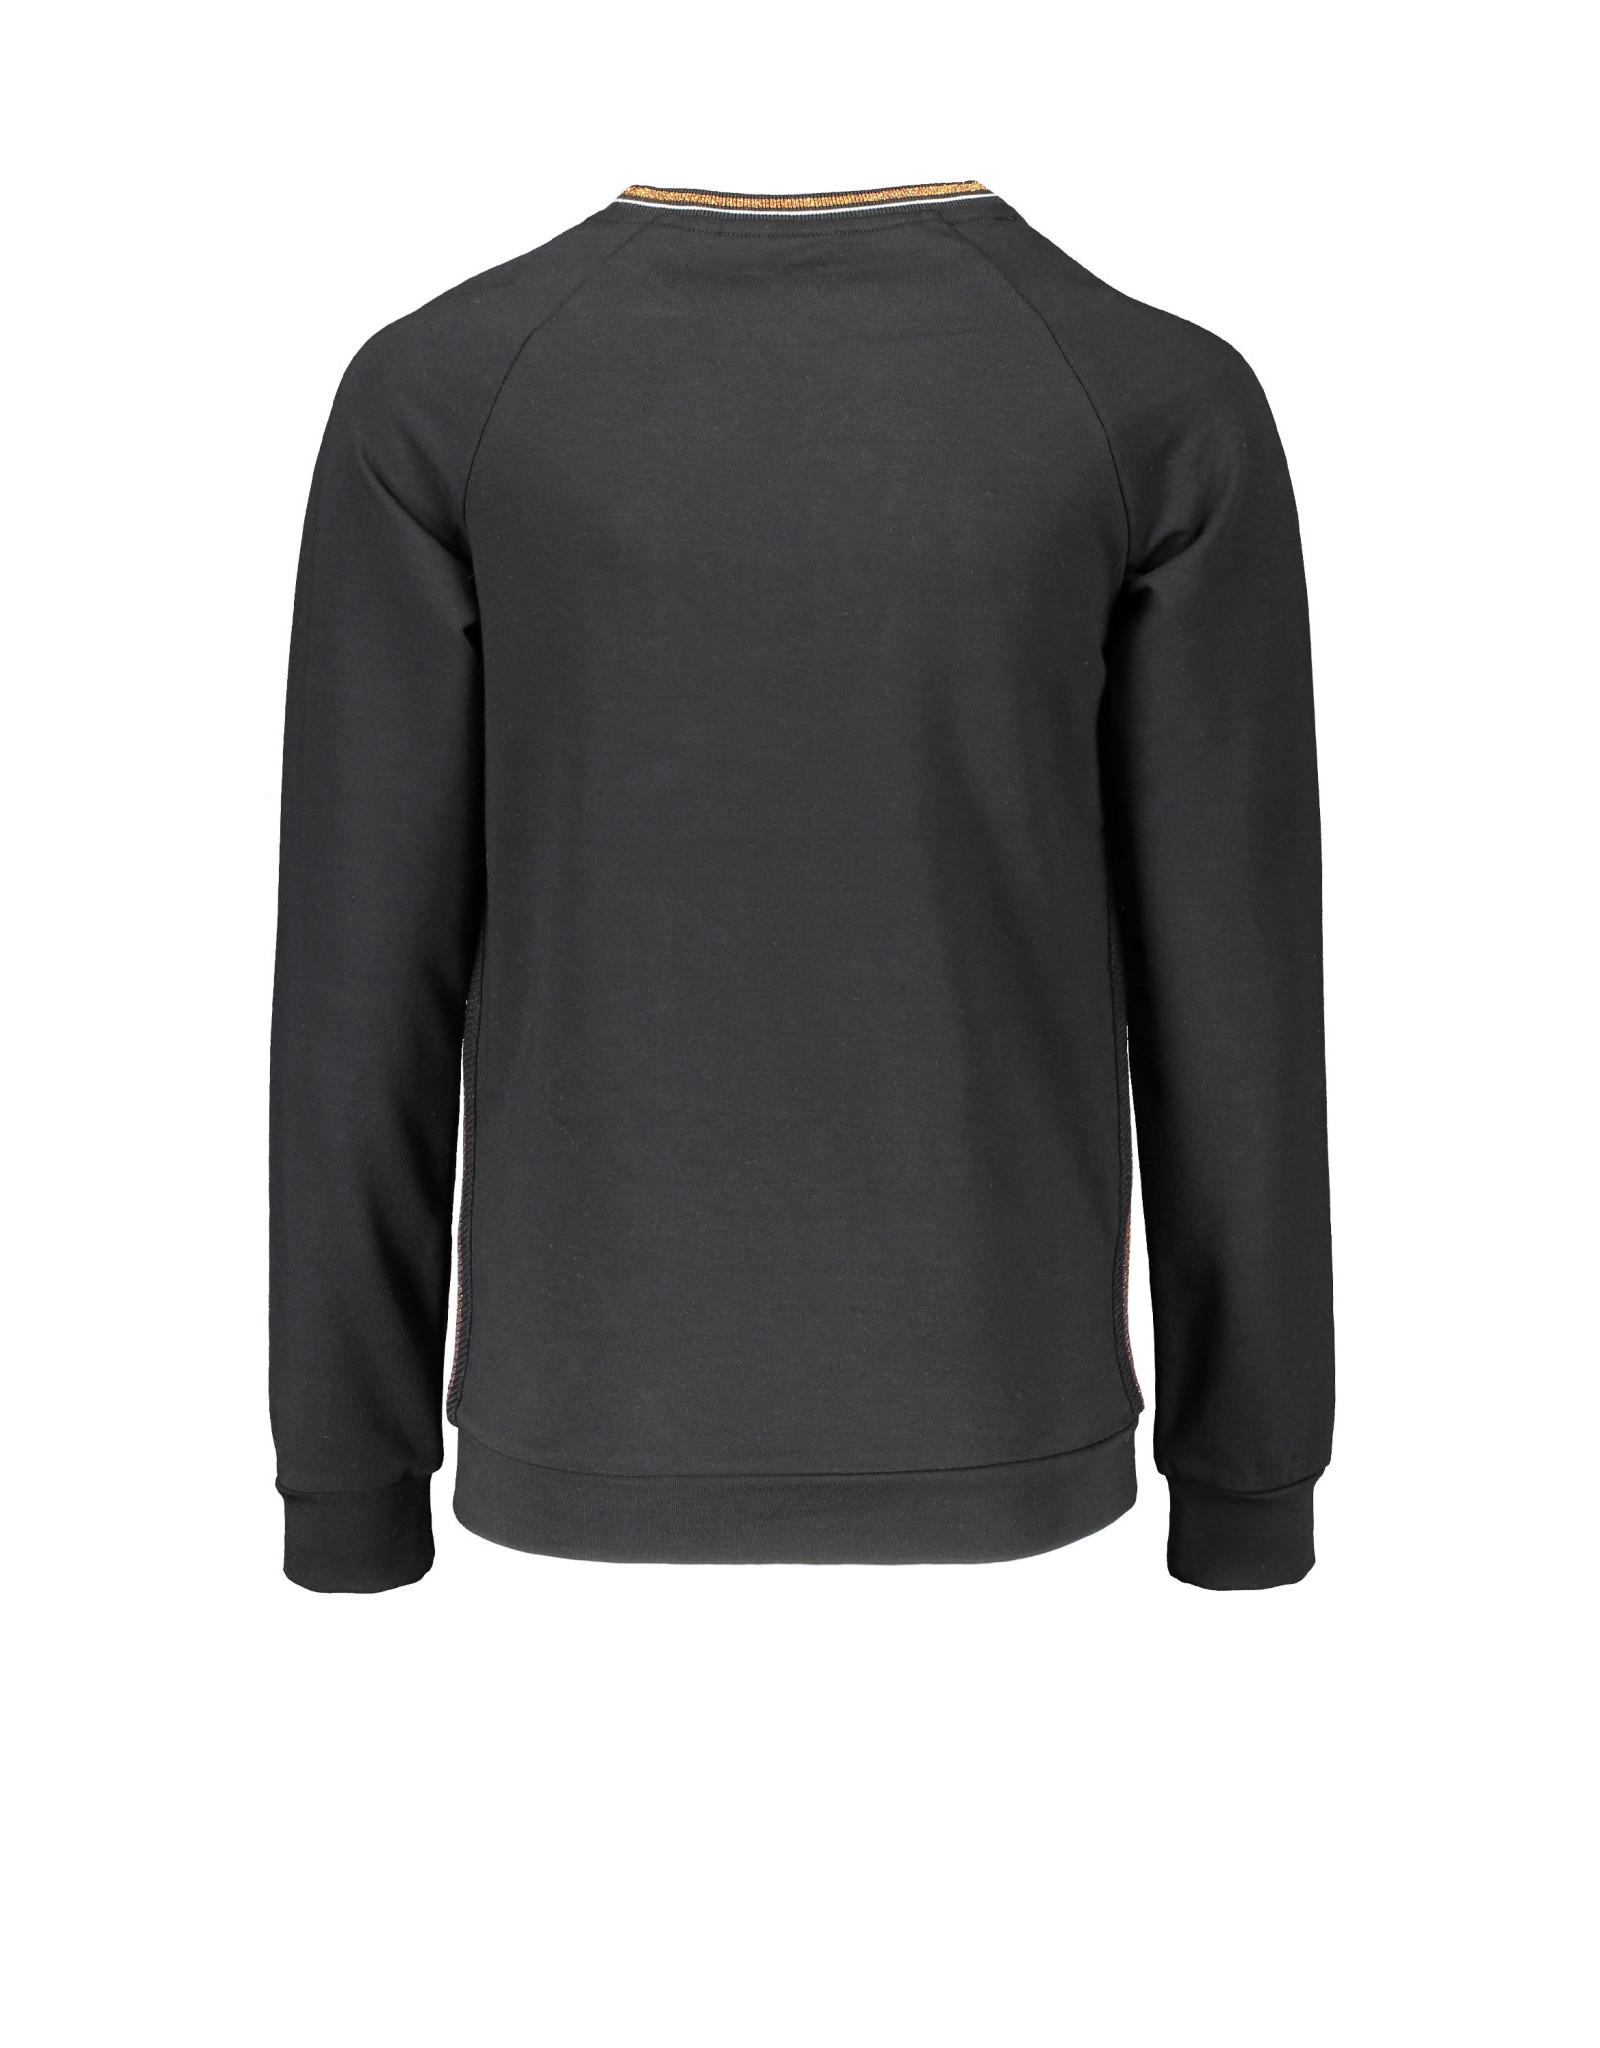 NoBell' NoBell meiden sweater Kambi B